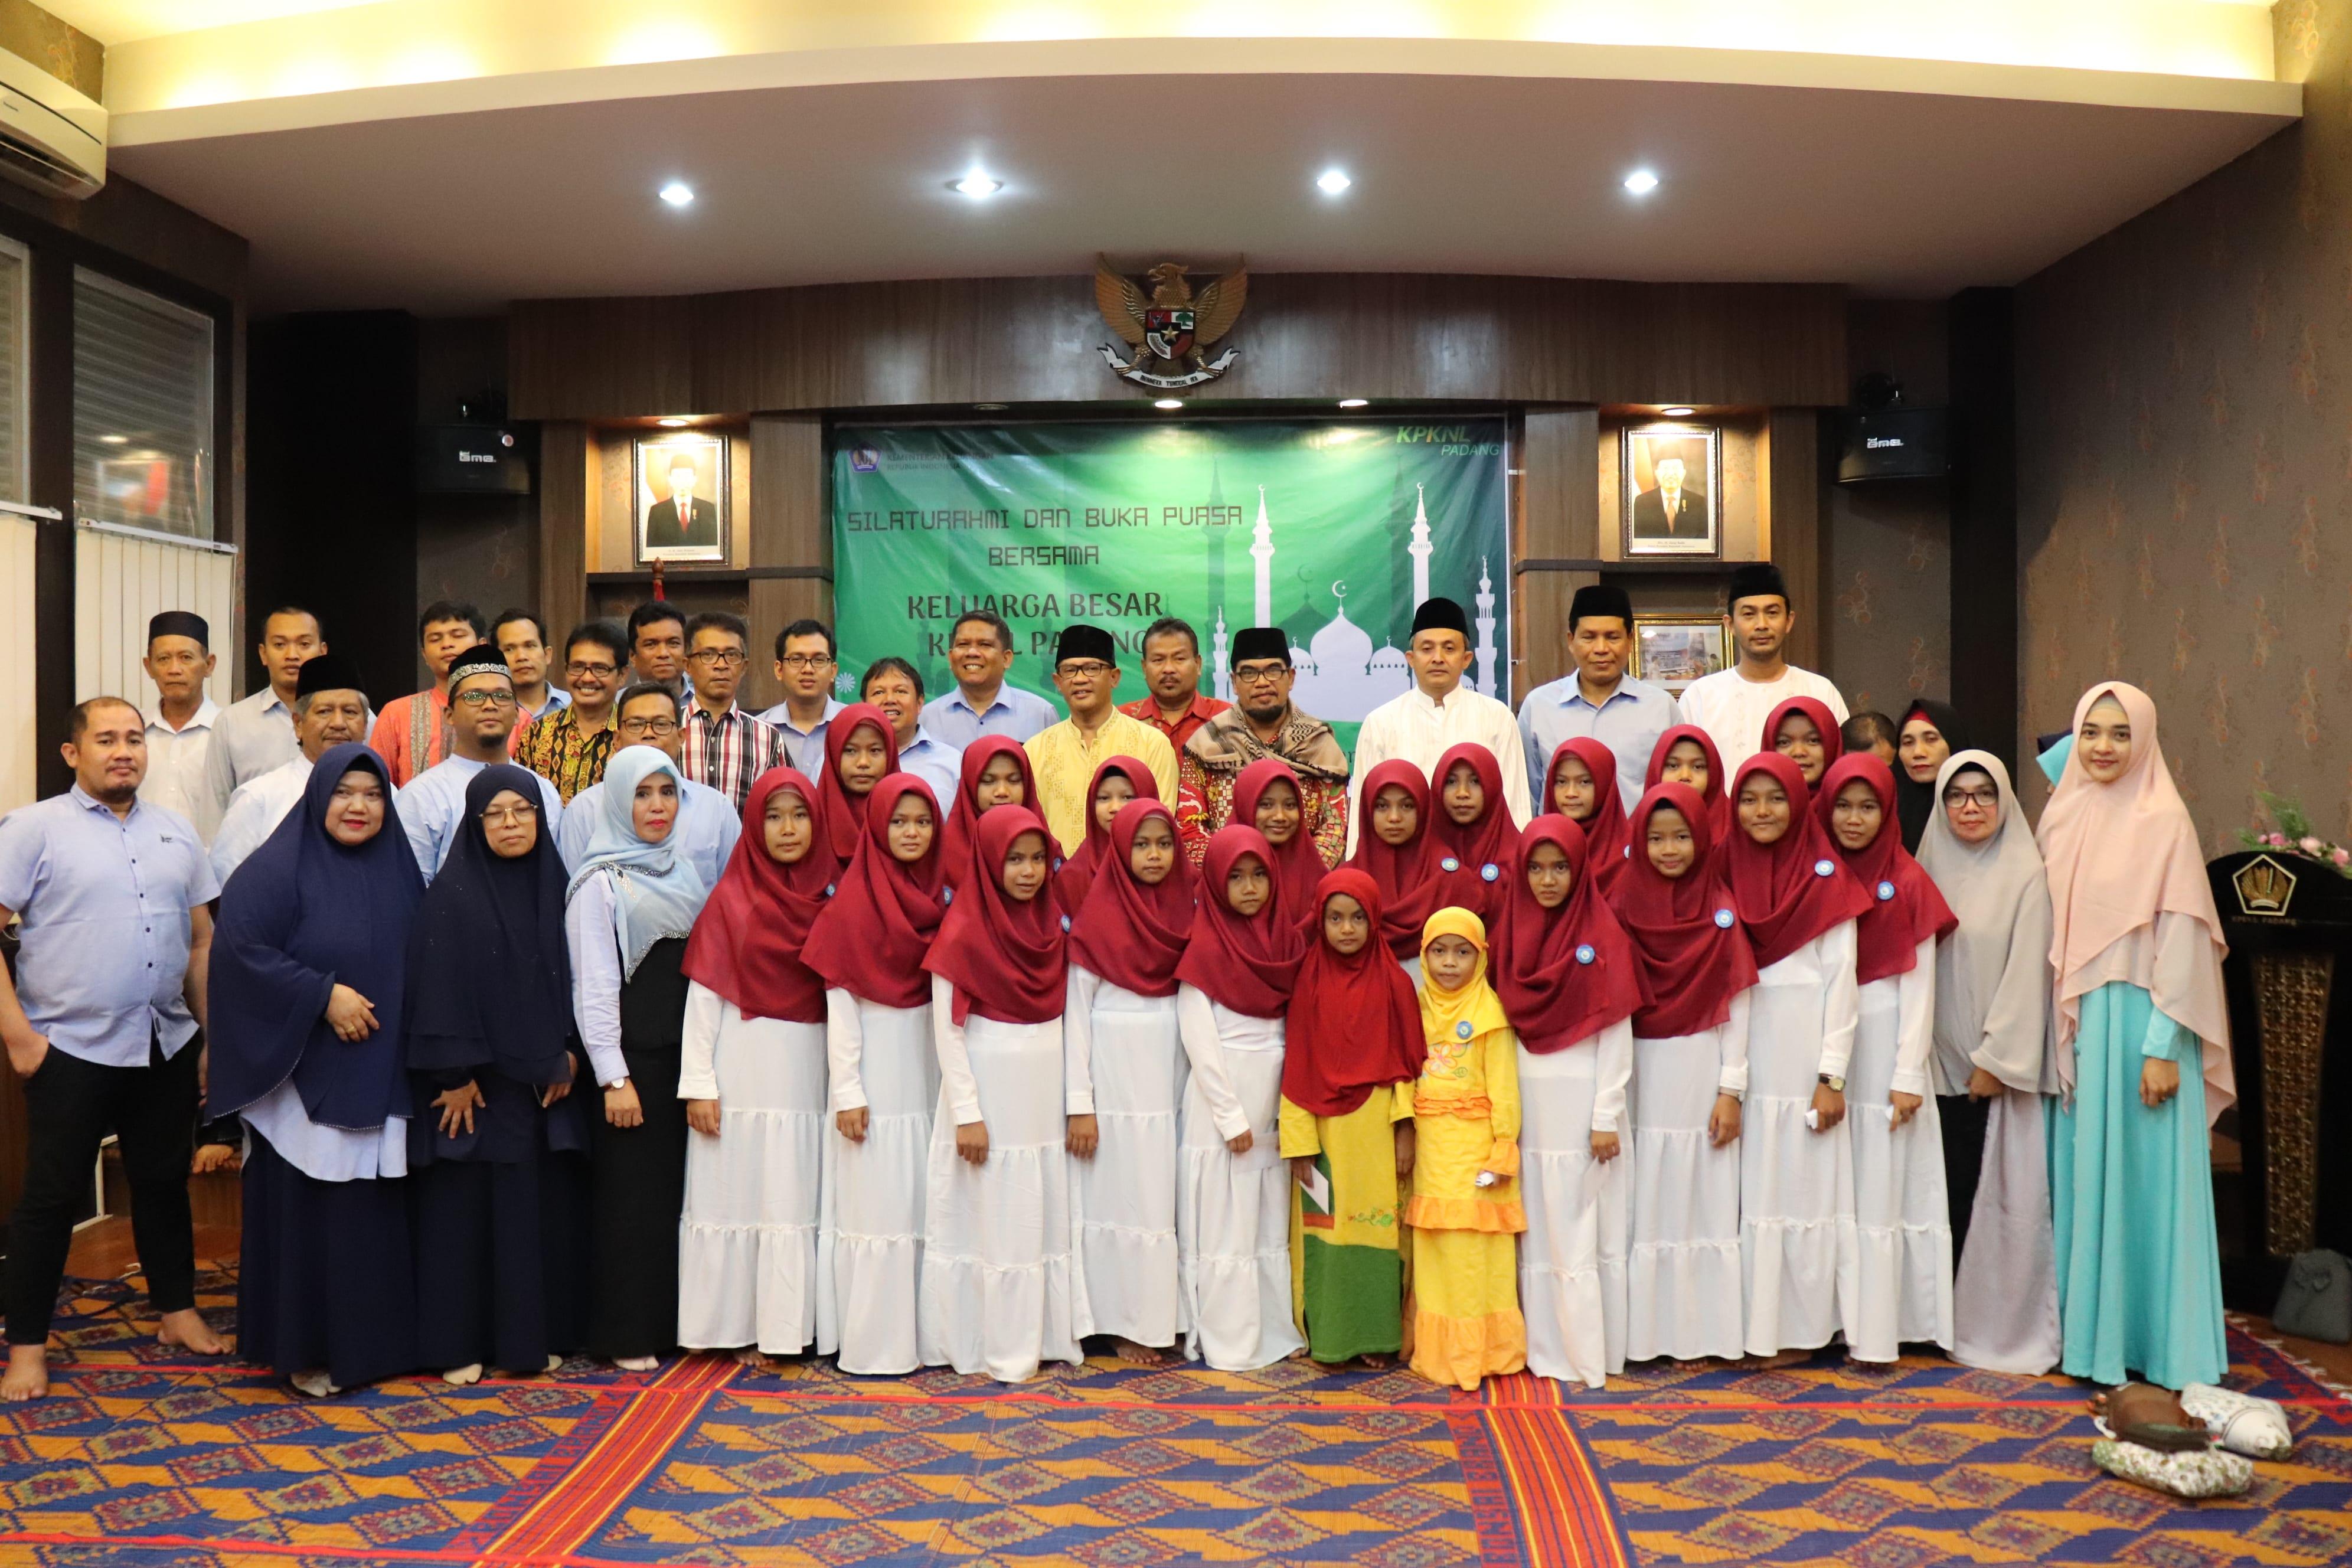 Indahnya Berbagi Di Bulan Ramadhan, KPKNL Padang Jalin Silaturahmi Dan Buka Puasa Bersama Anak-Anak Yayasan Panti Asuhan